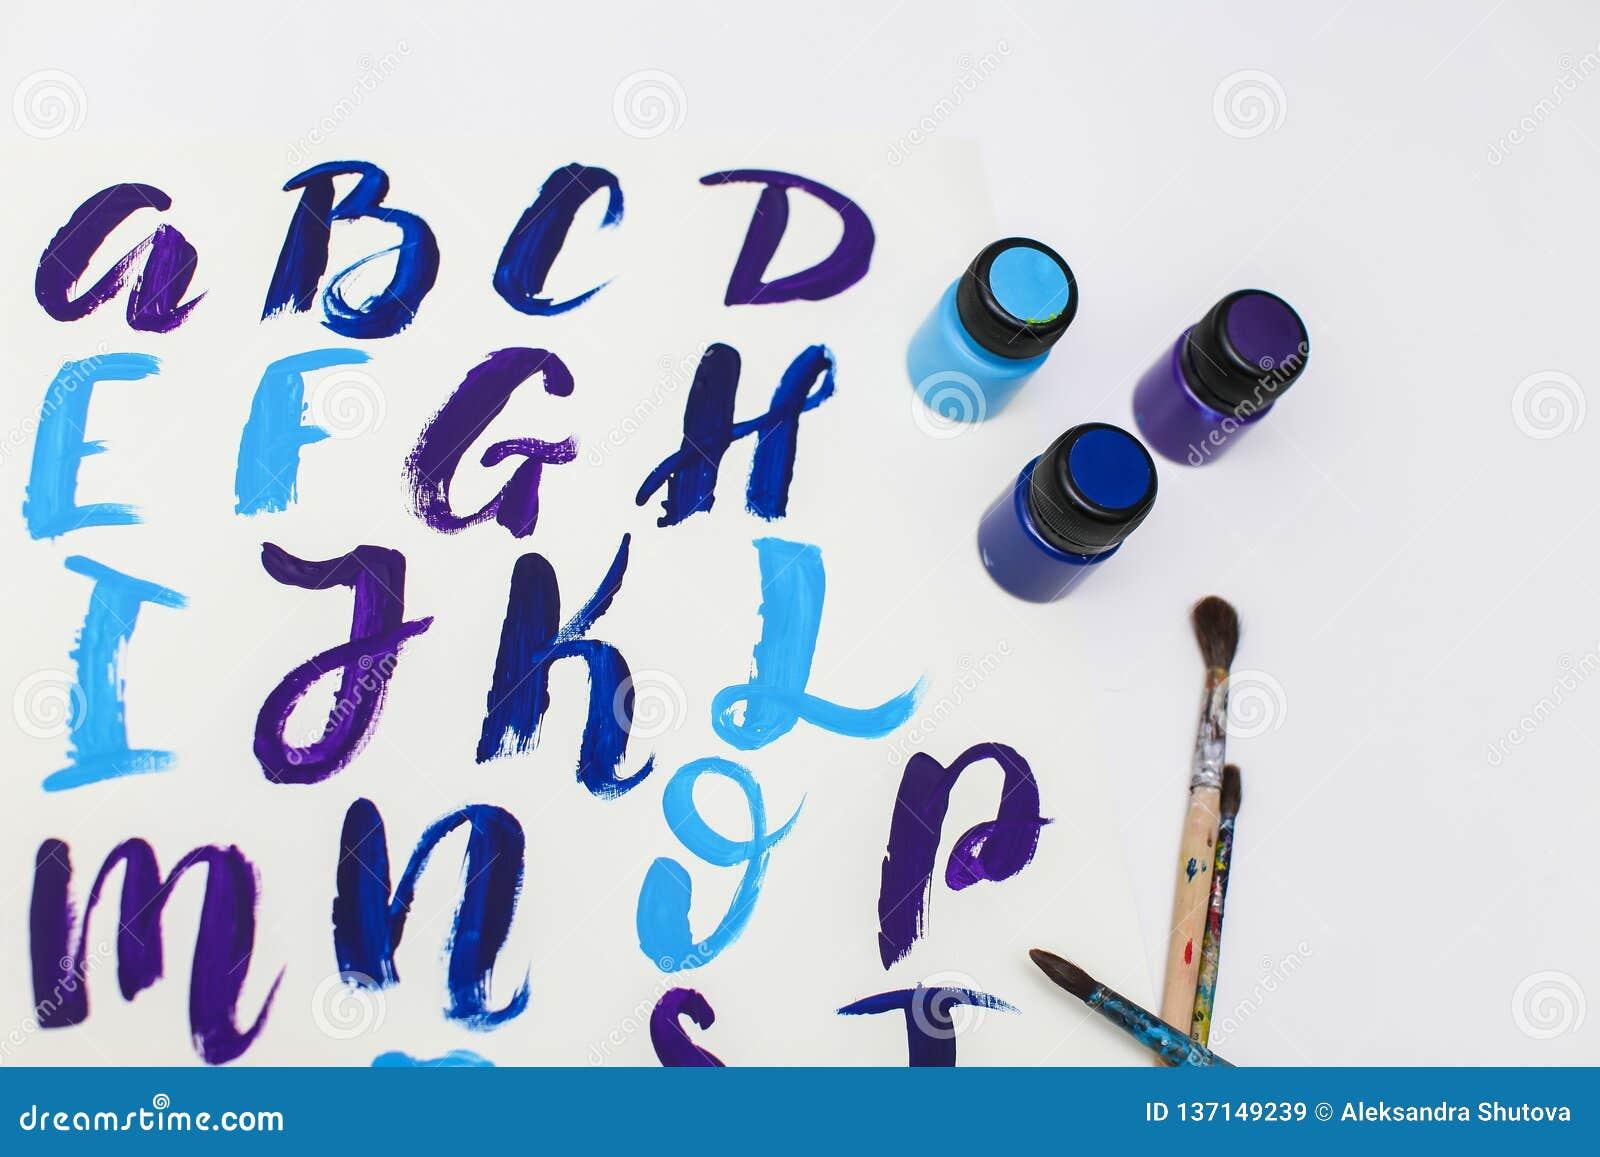 Caligrafía que pone letras al alfabeto dibujado con el cepillo seco Letras de ABC inglés escritas con la brocha